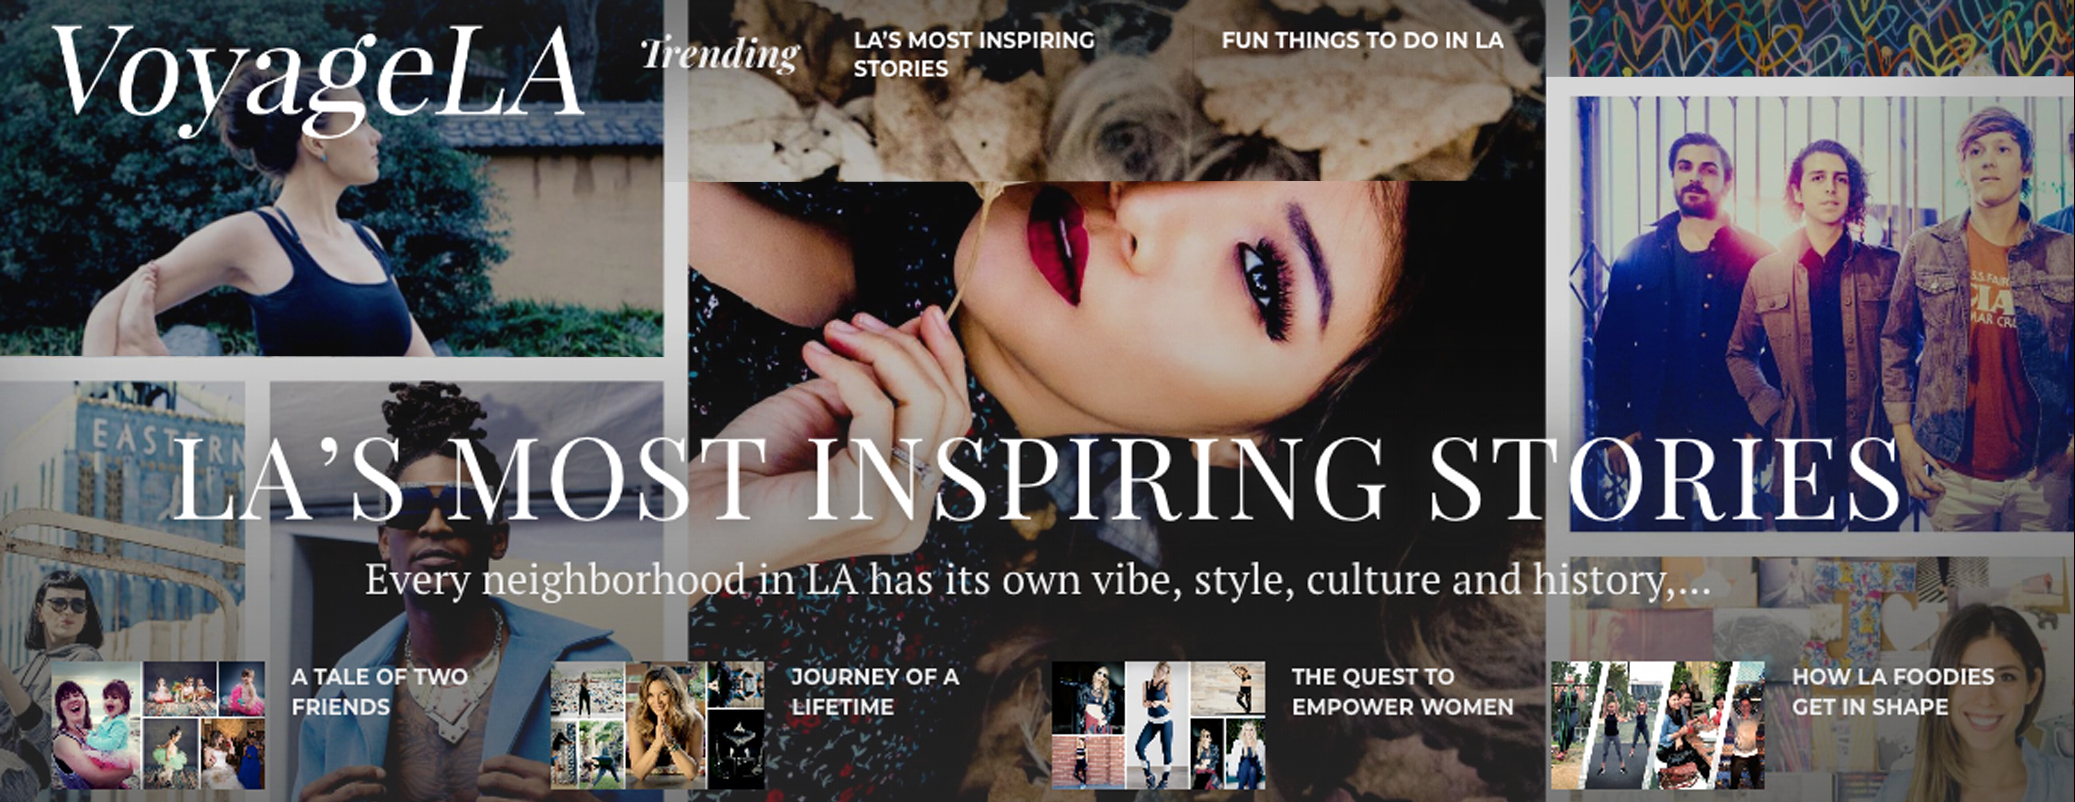 Voyage LA Magazine